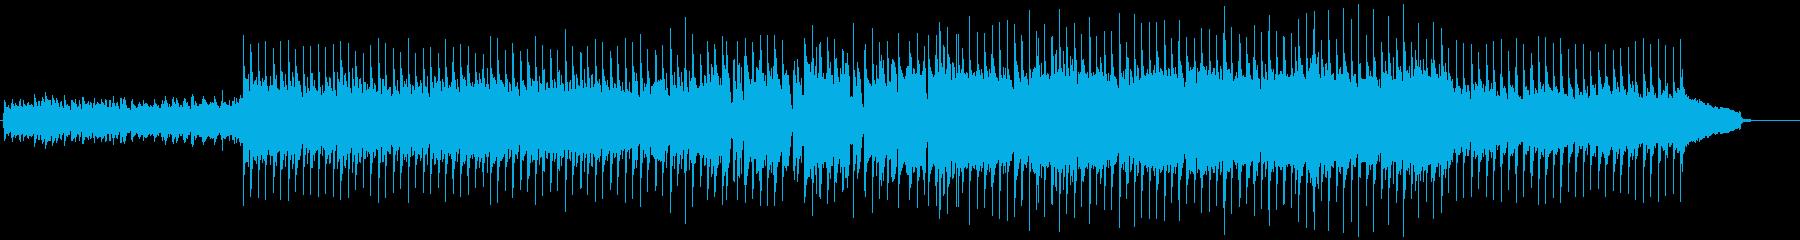 VP系17E、爽やかなロック、ドライブの再生済みの波形